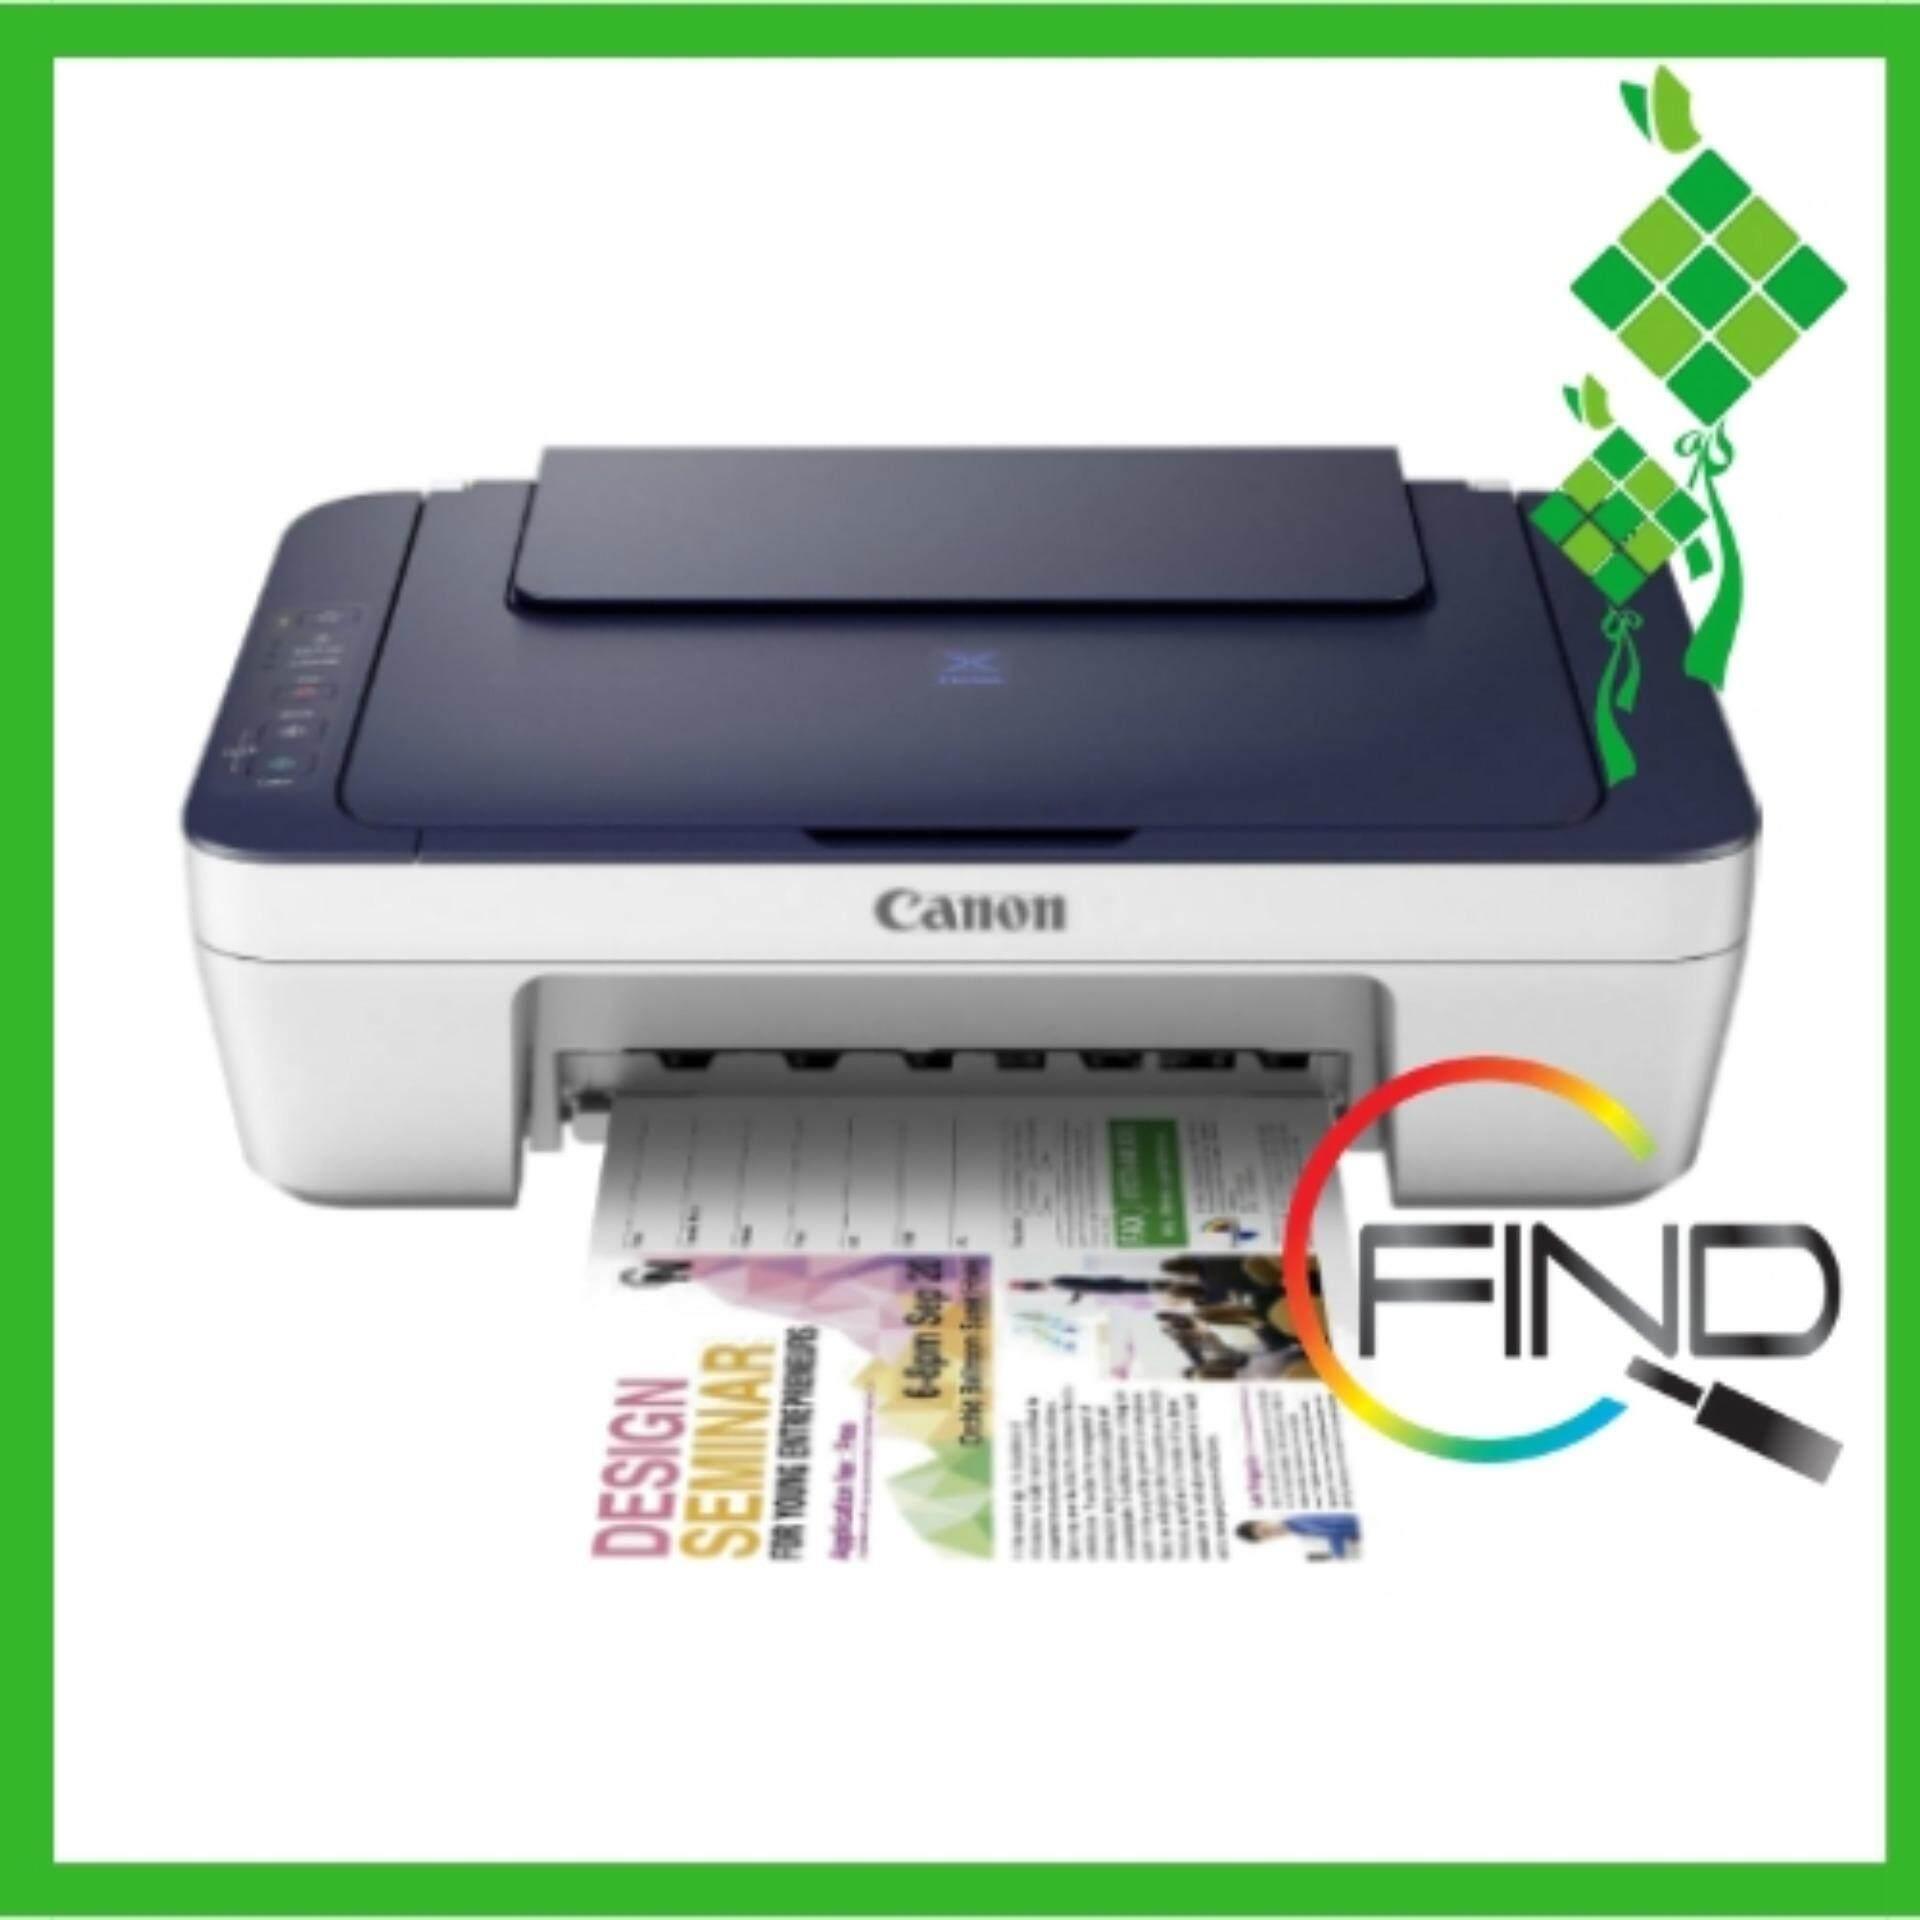 Canon Pixma Mg2577s Aio 3 In 1 Color Printer (print/scan/copy) (findc) By Findc.